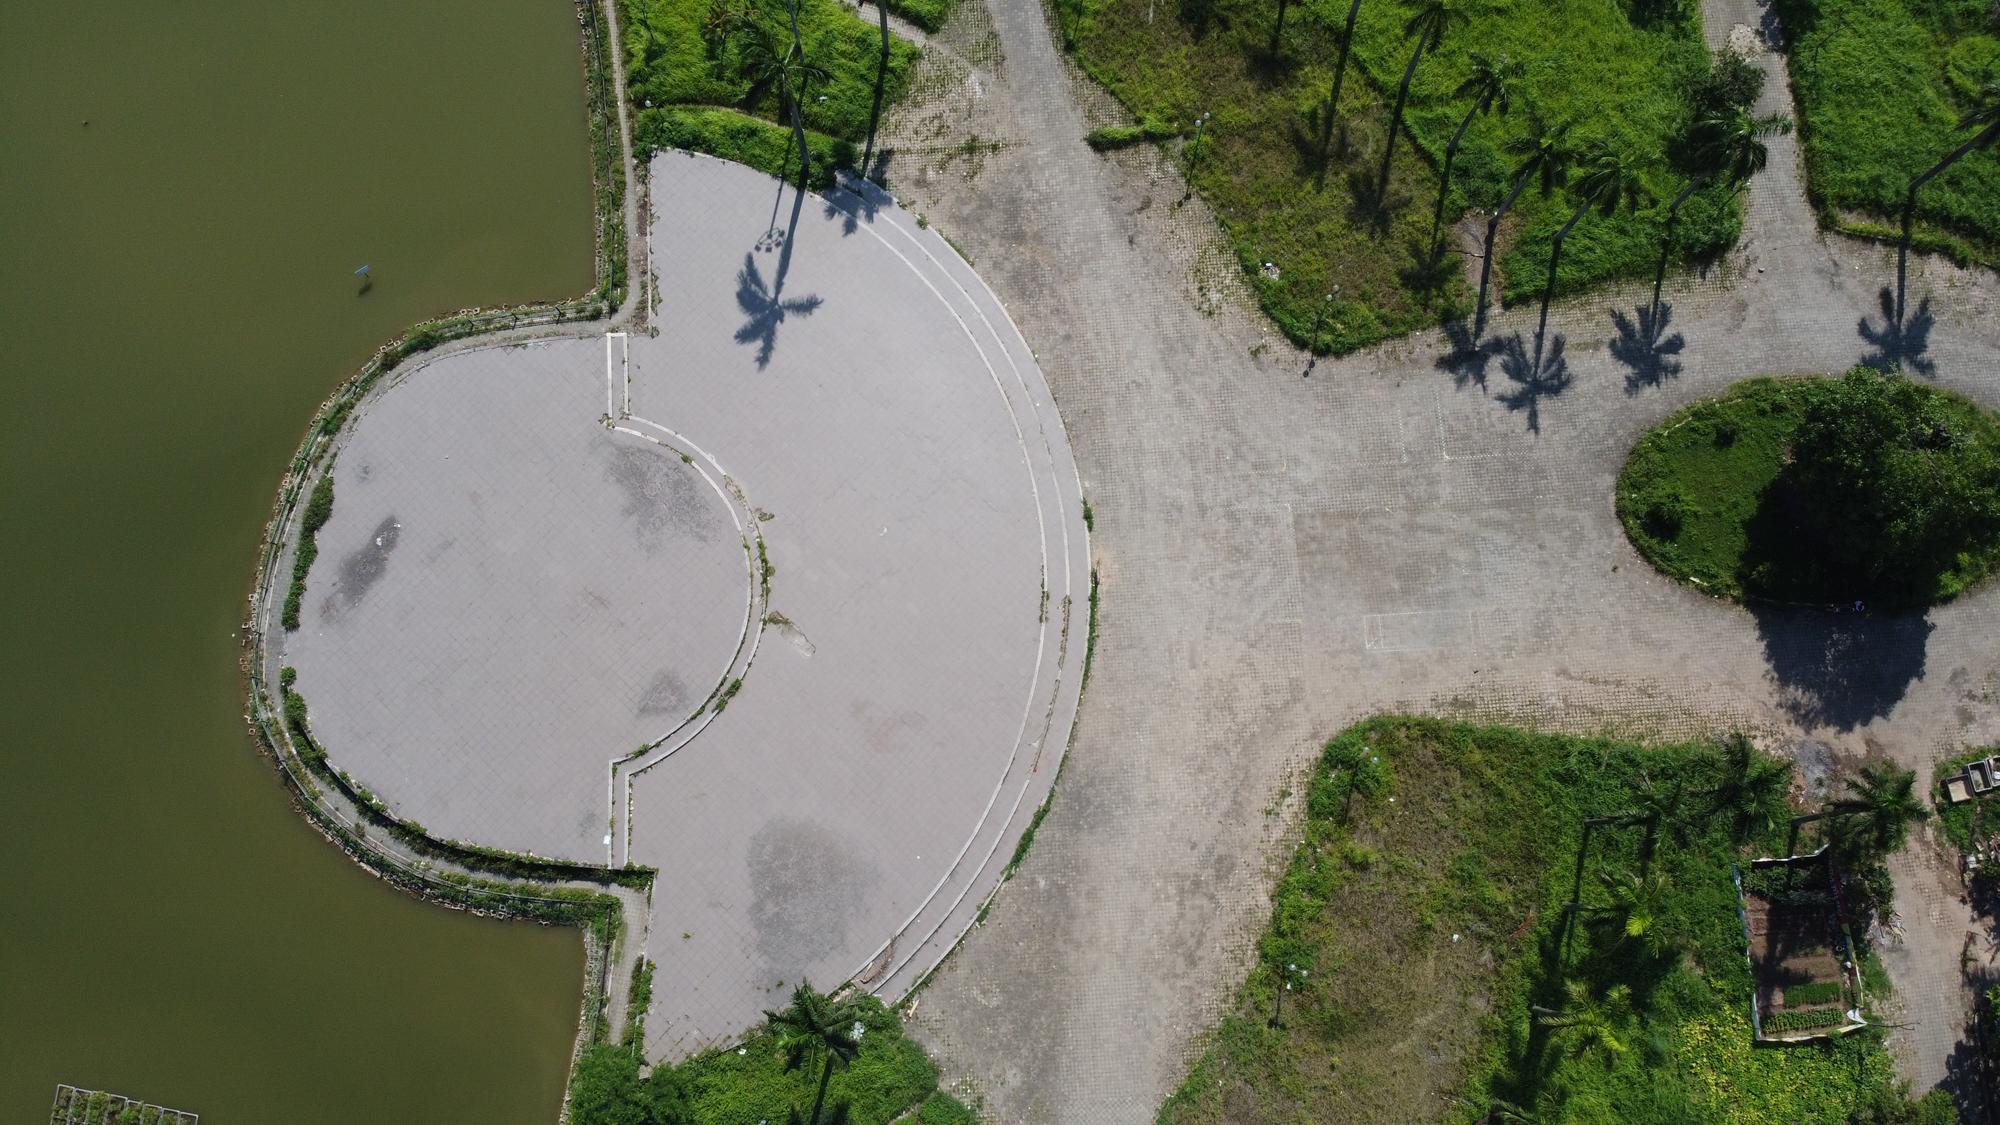 Chờ dự án cải tạo, công viên CV-02 Khu đô thị mới Việt Hưng như cánh đồng hoang - Ảnh 3.